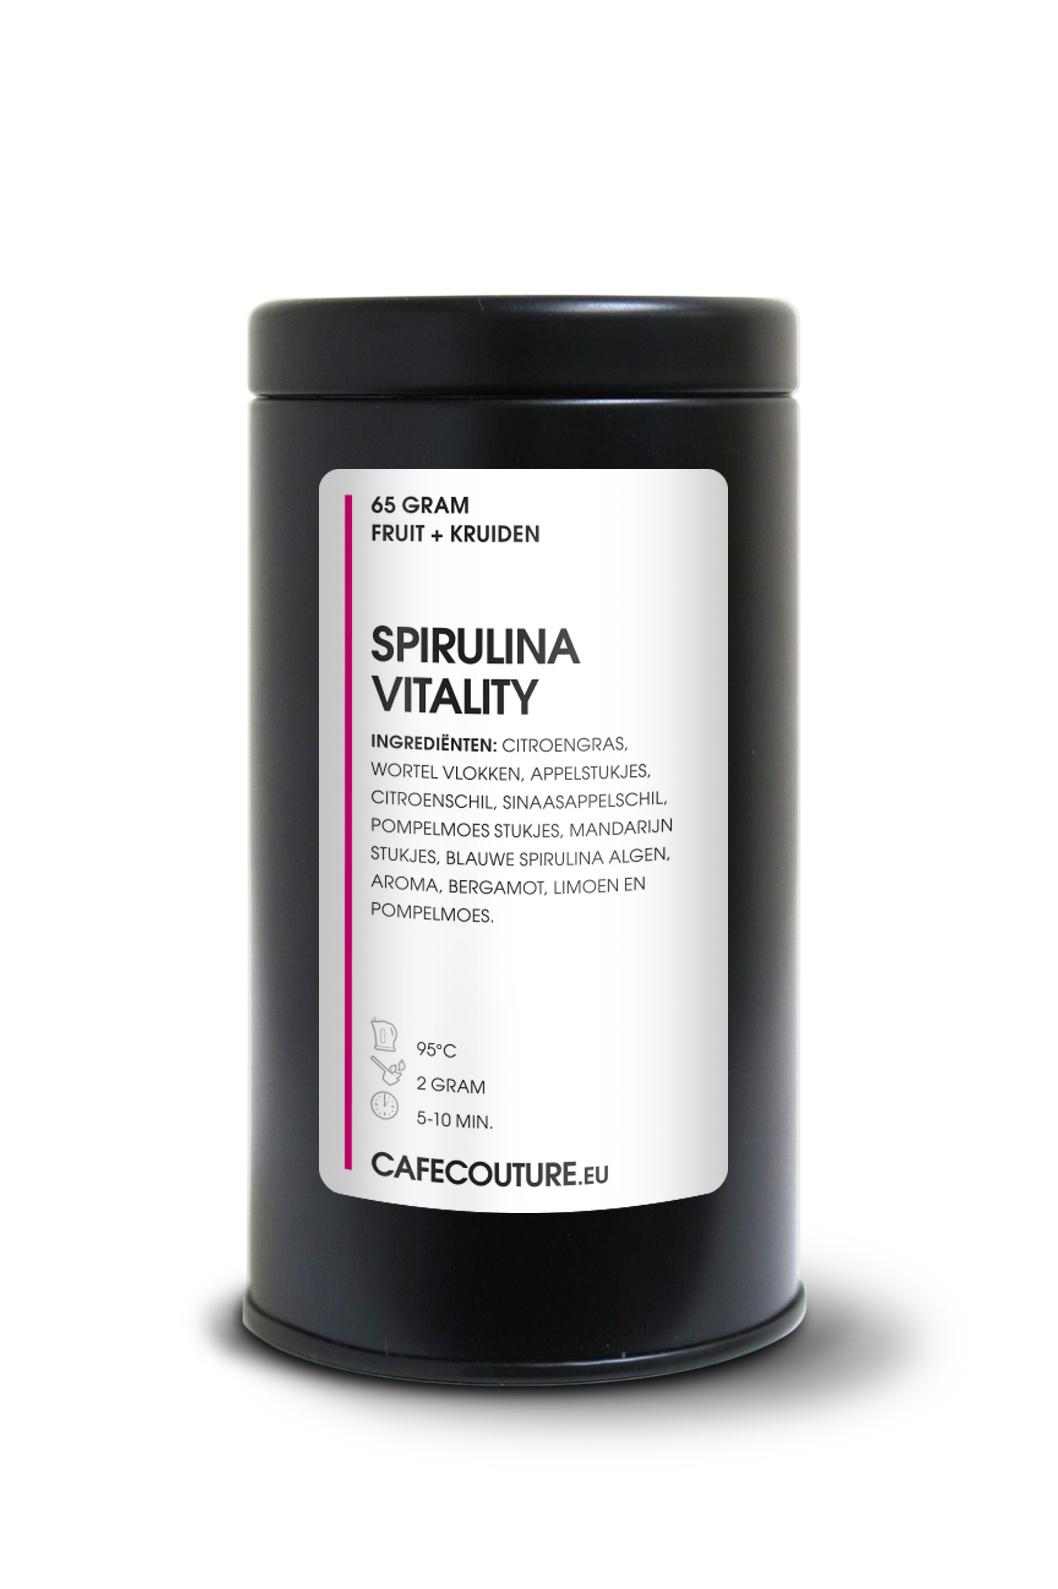 Spirulina Vitality